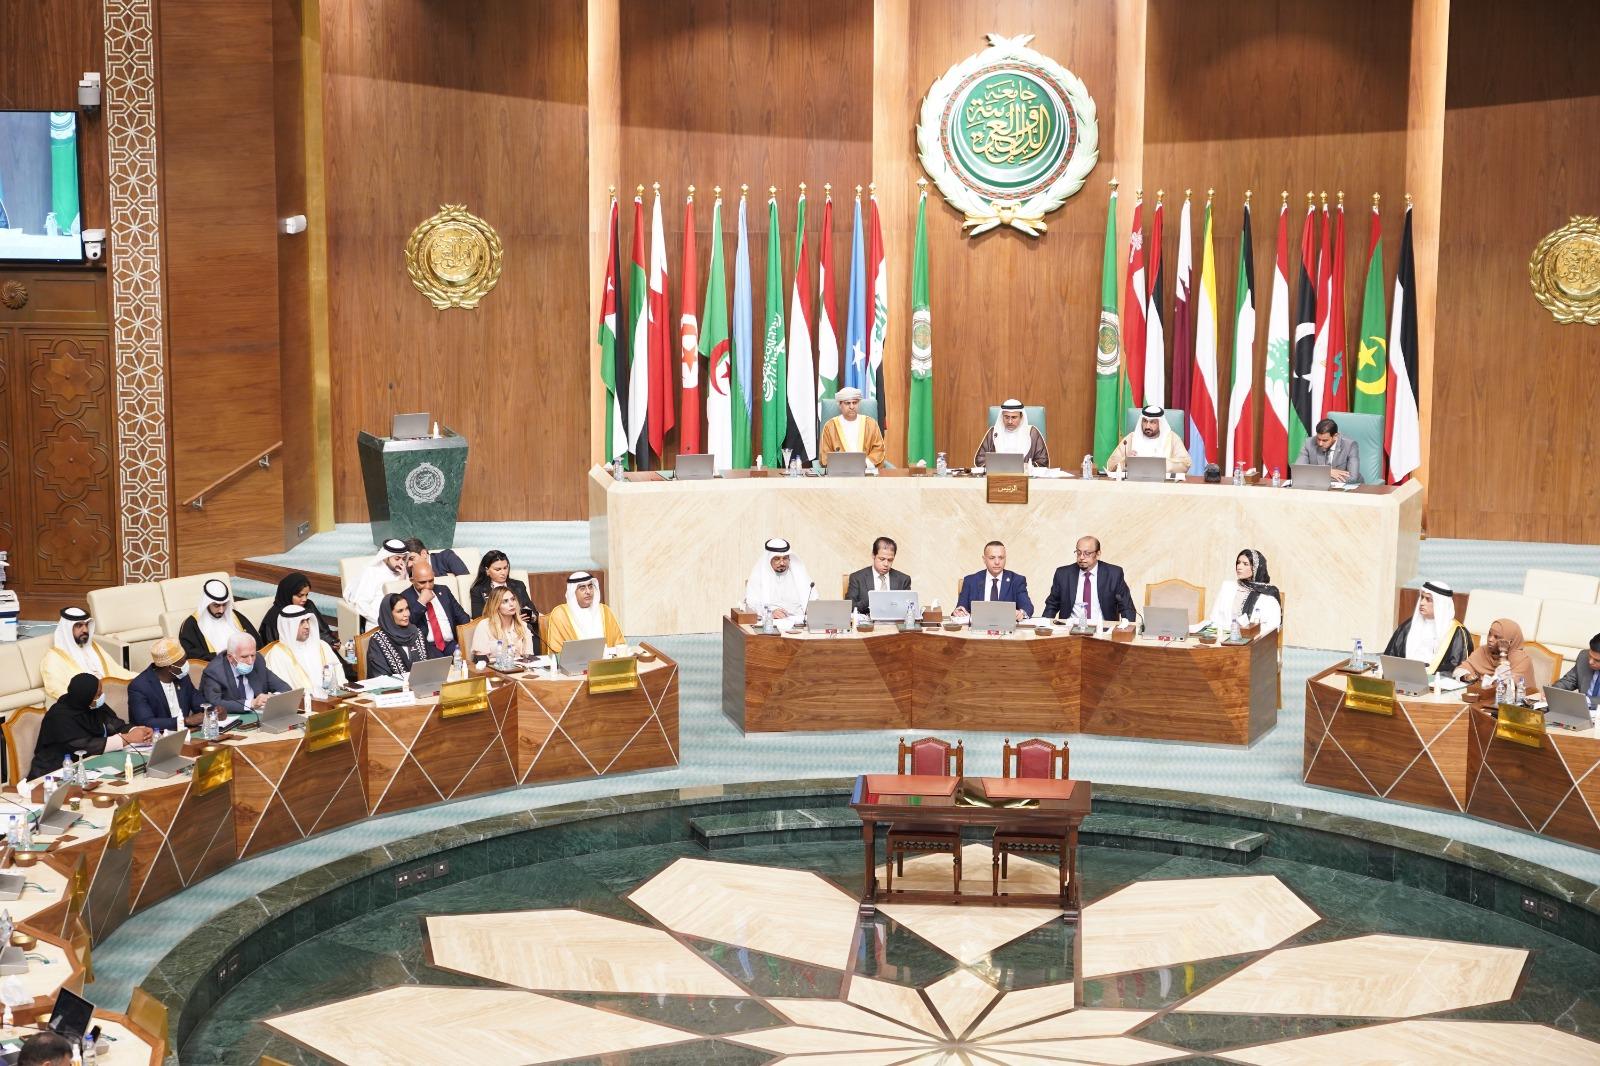 البرلمان العربي يحذر من خطورة دعوات اقتحام المسجد الأقصى الأحد